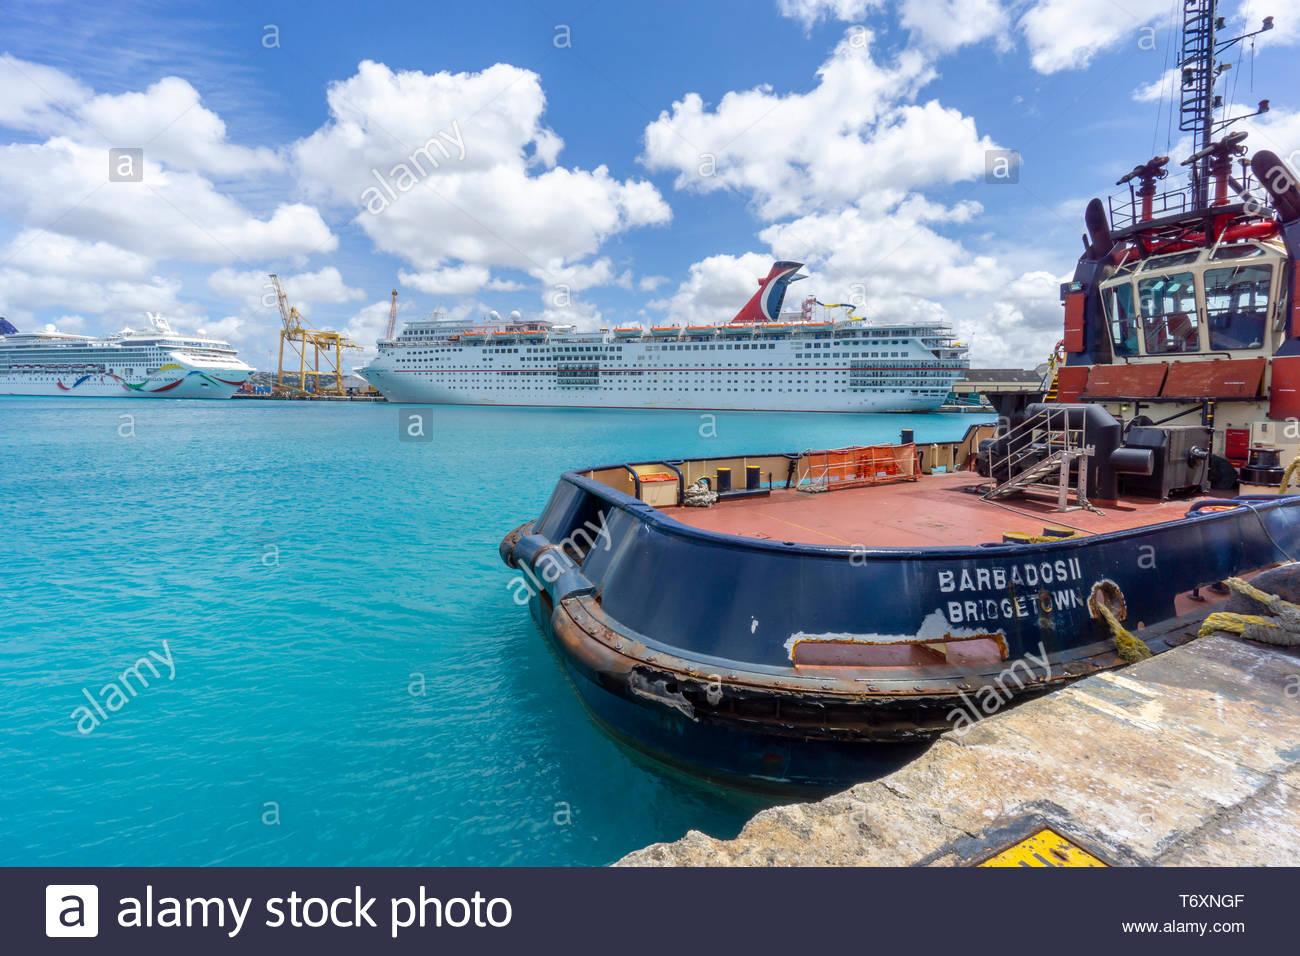 Deux bateau de croisière et un remorqueur dans le port de Bridgetown, à la Barbade, une île royaume de Commonwealth dans l'Atlantique Nord dans la région des Caraïbes. Banque D'Images